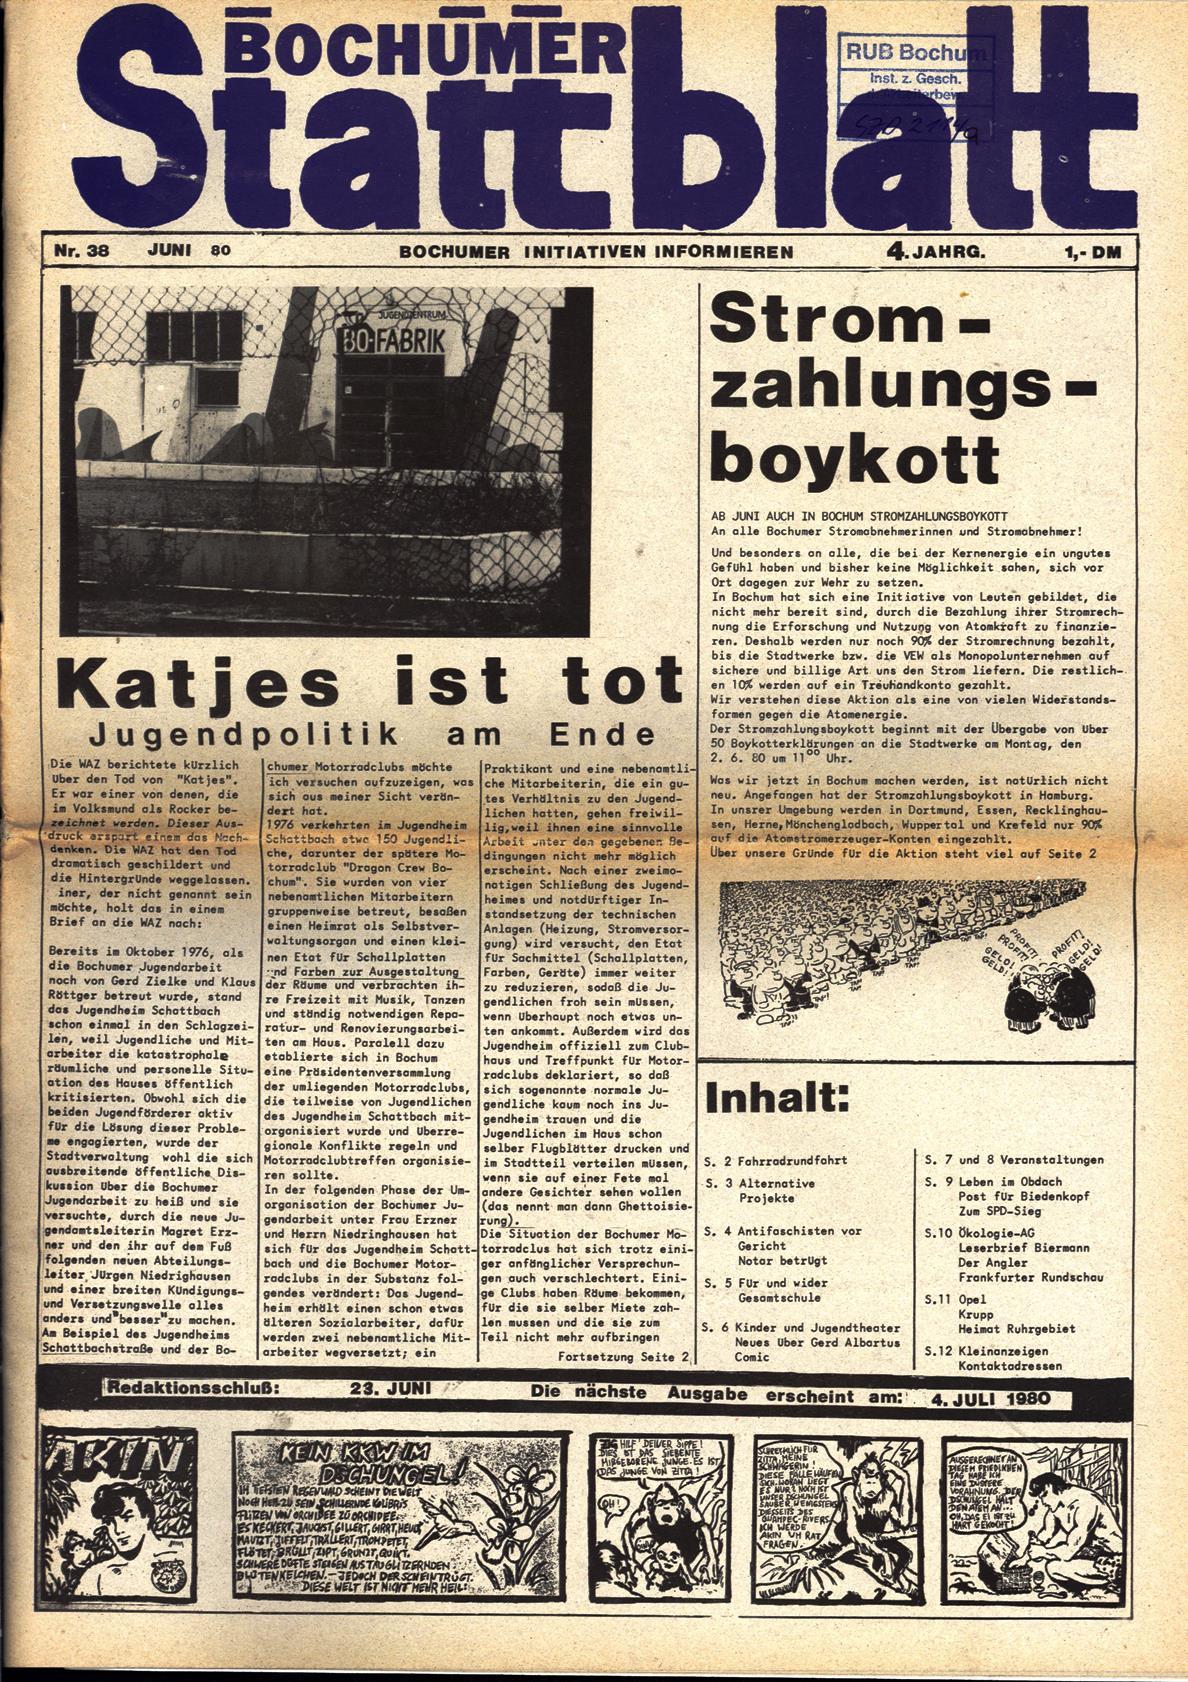 Bochum_Stattblatt_19800600_38_01